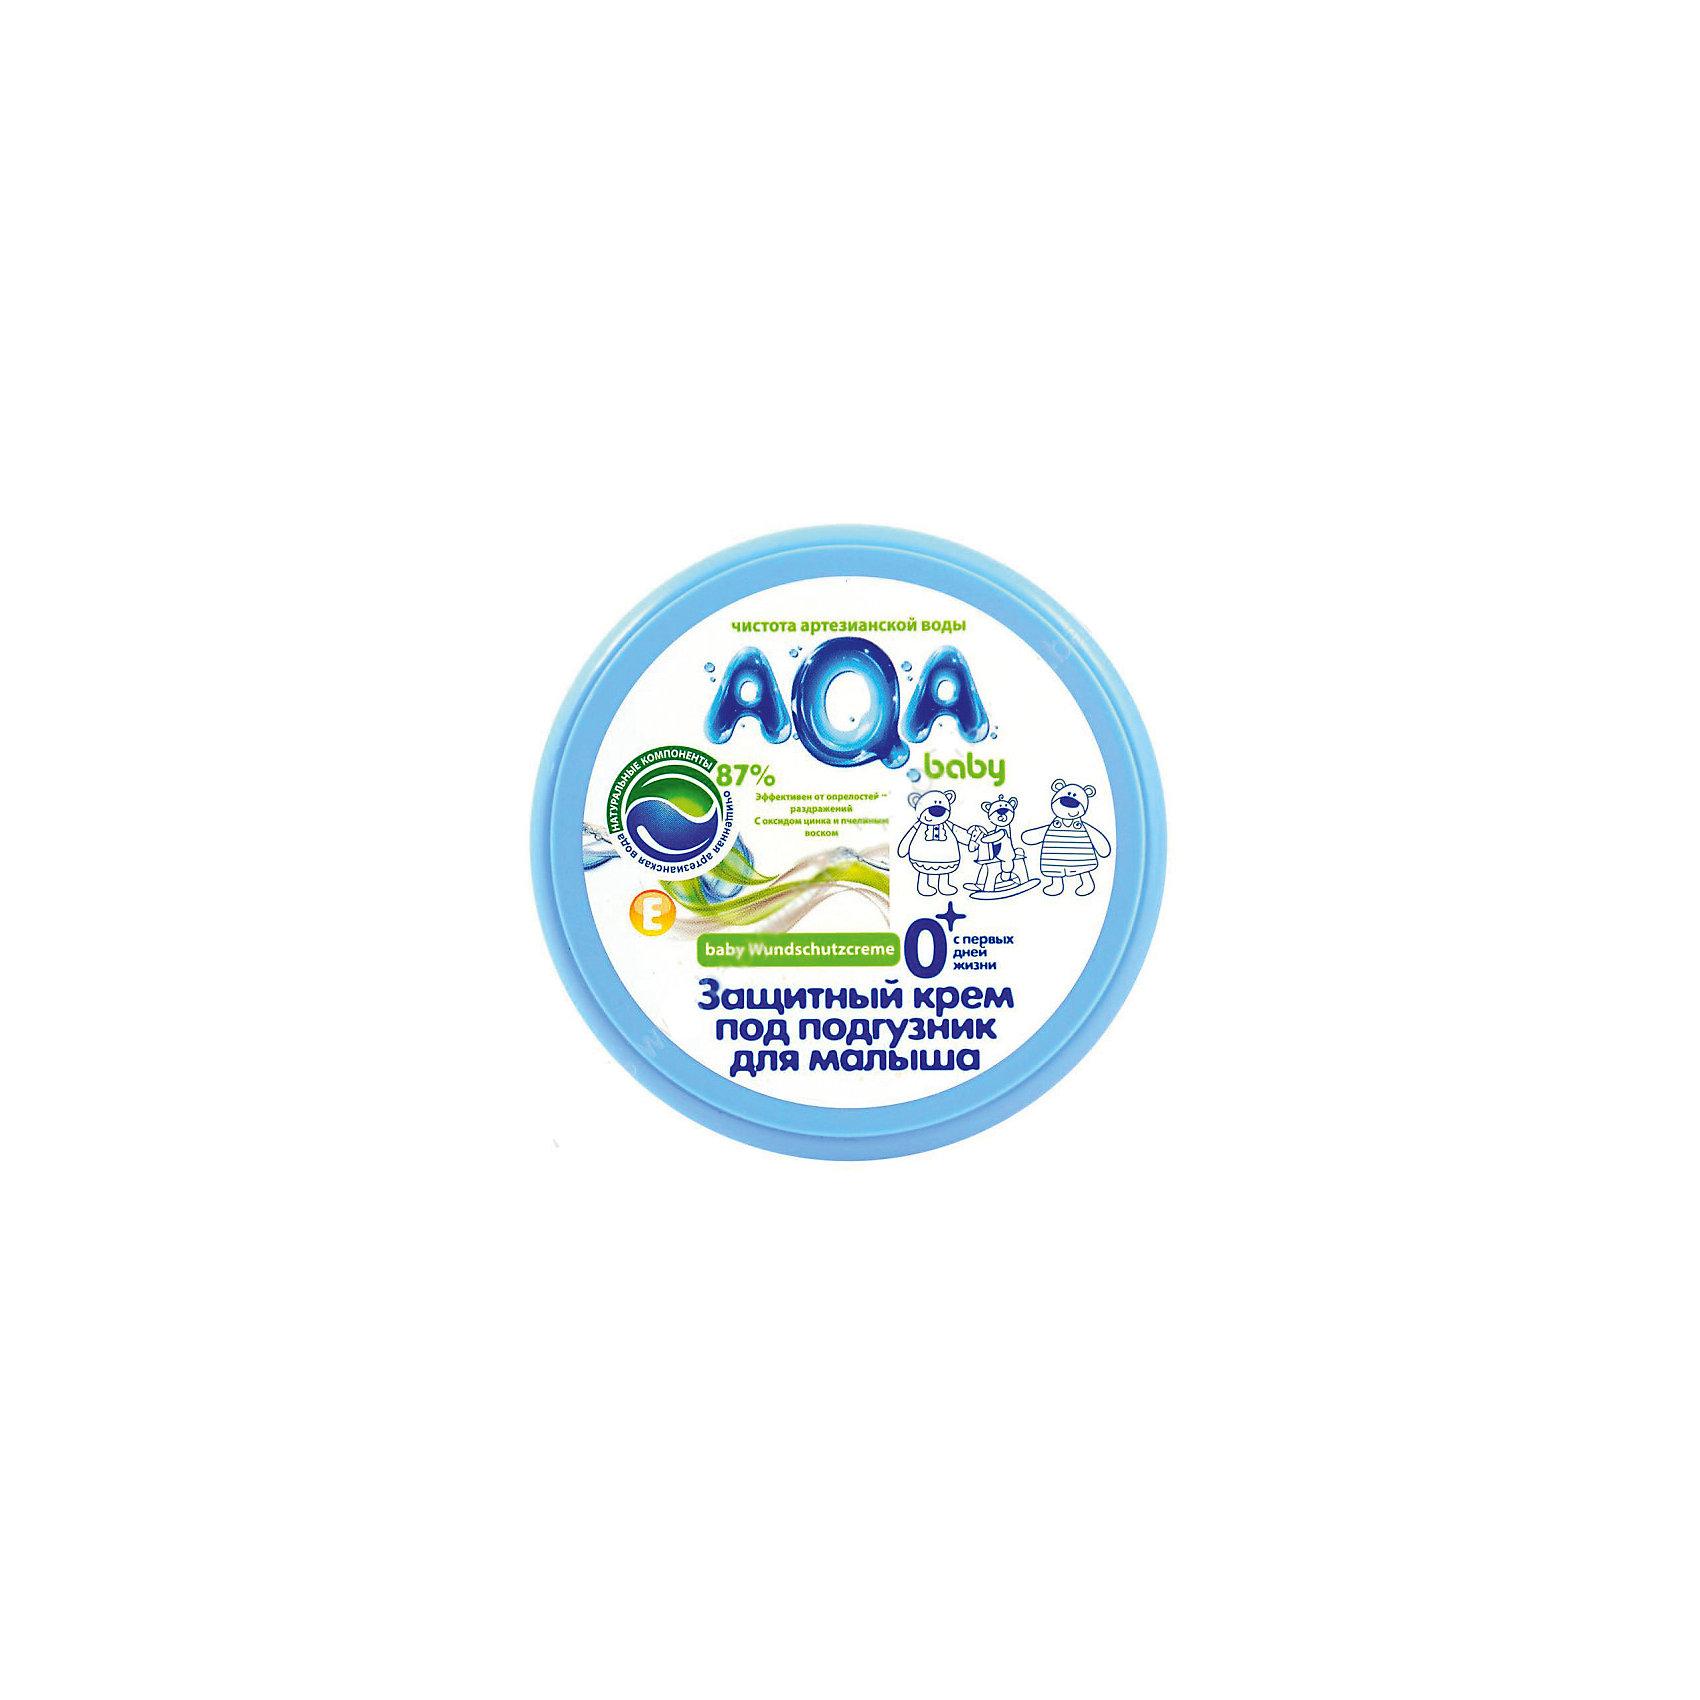 Защитный крем под подгузник для малыша 100 мл., AQA BABY (AQA baby)